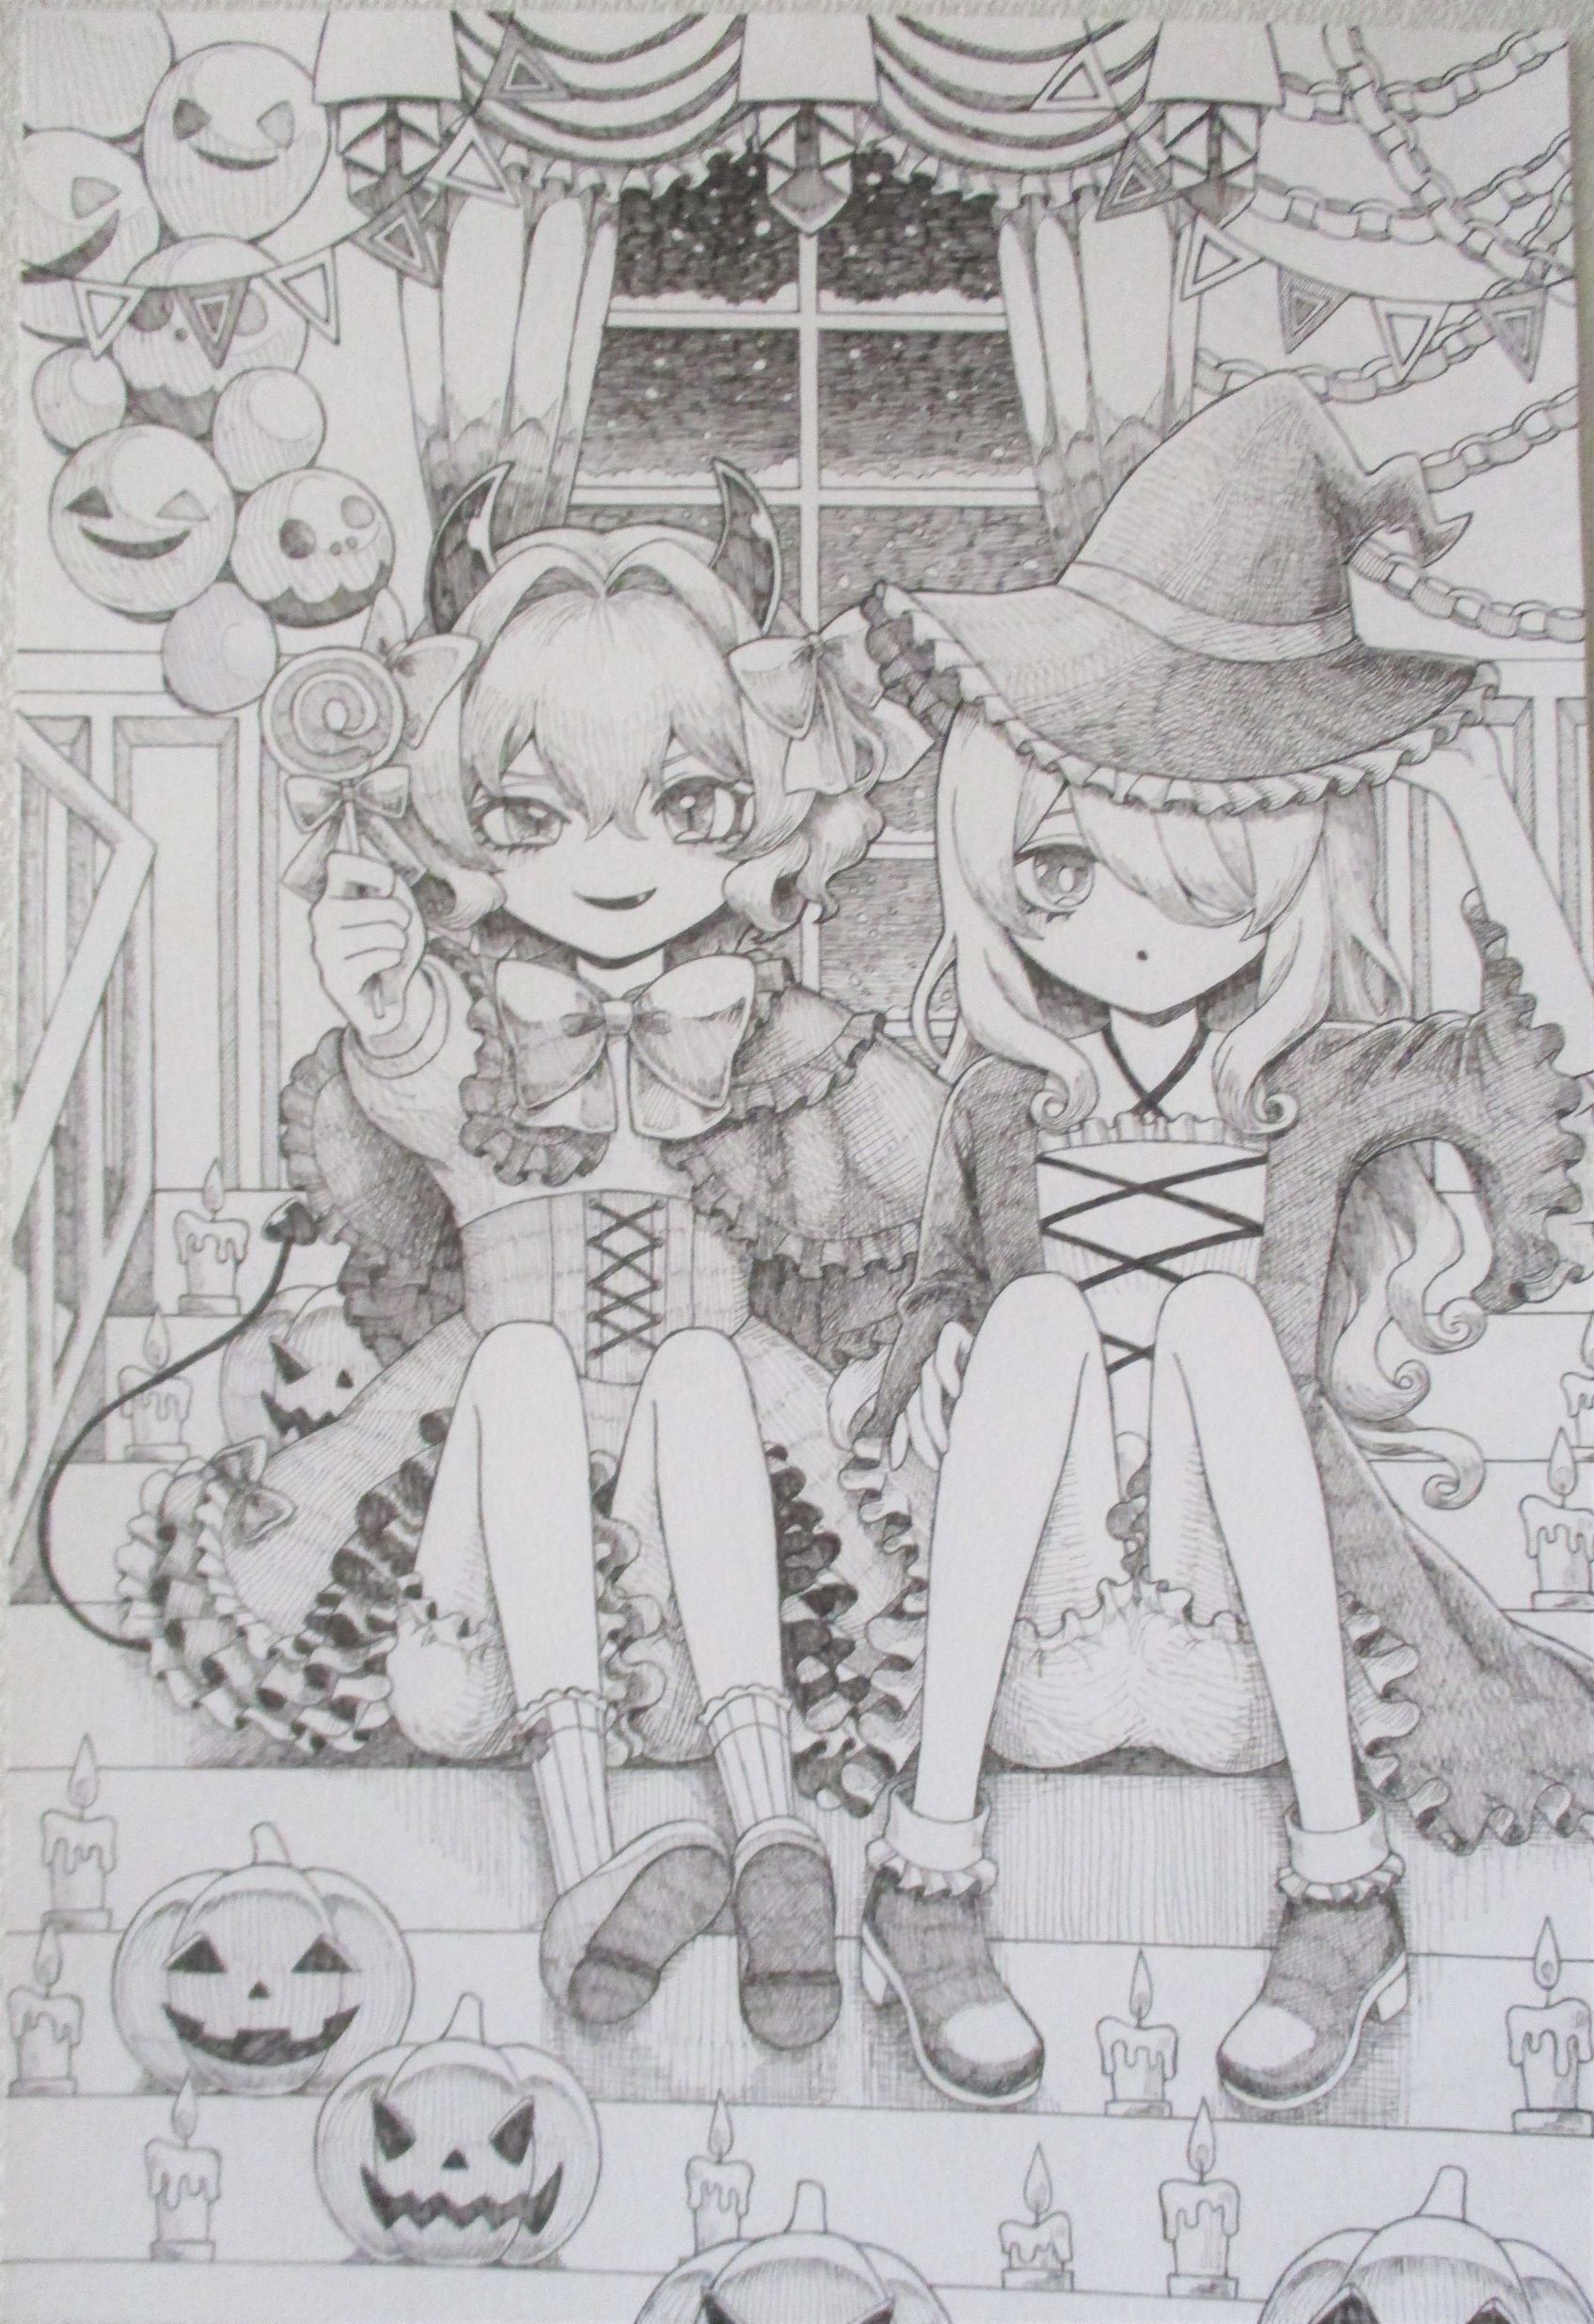 『雪夜のハロウィンパーティー』